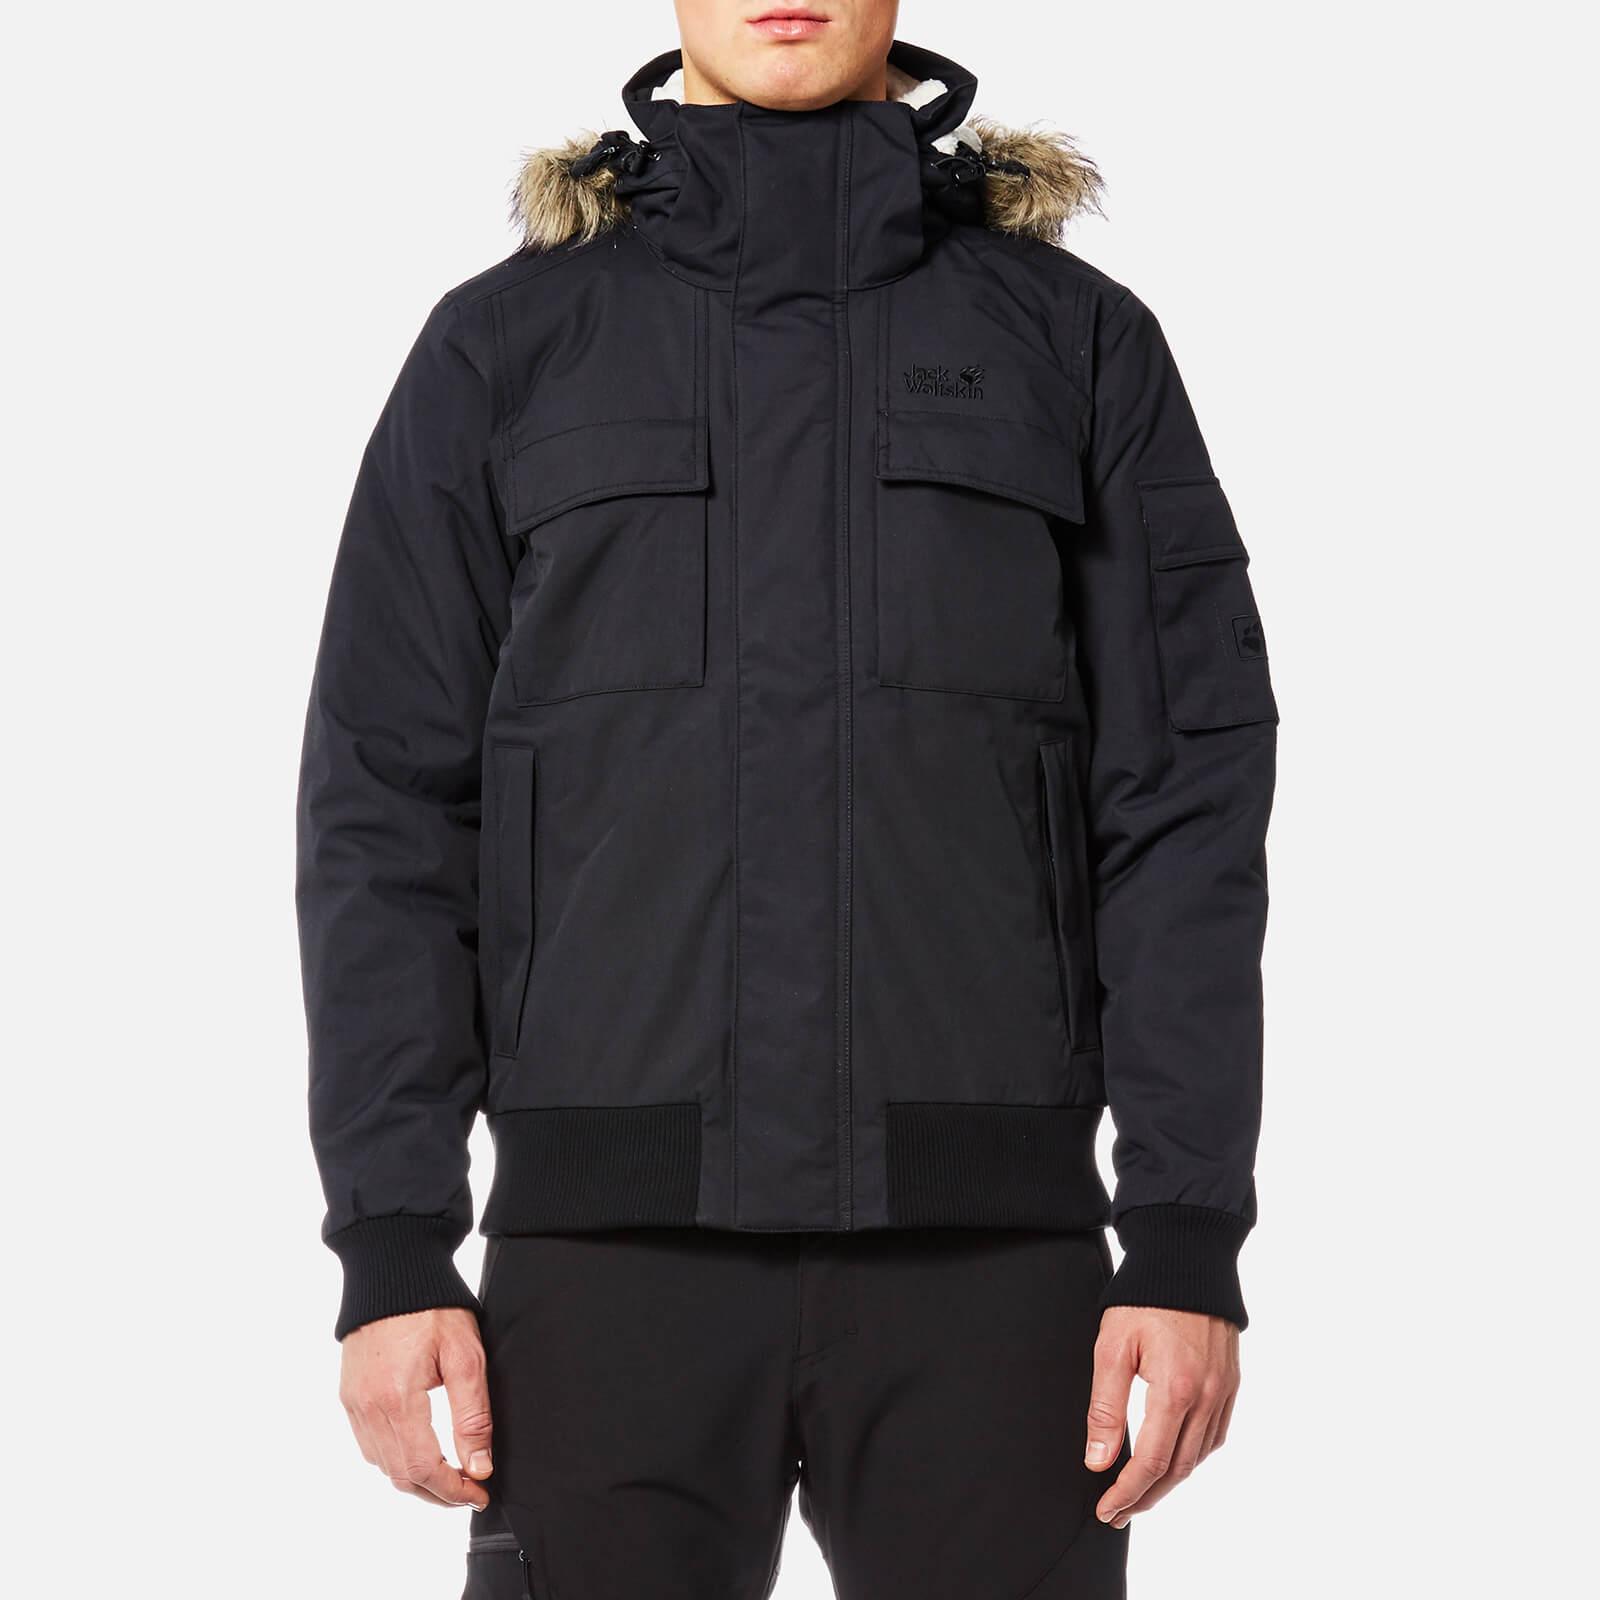 wielka wyprzedaż uk najtańszy rozsądna cena Jack Wolfskin Men's Brockton Point Jacket with Faux Fur Lined Hood - Black